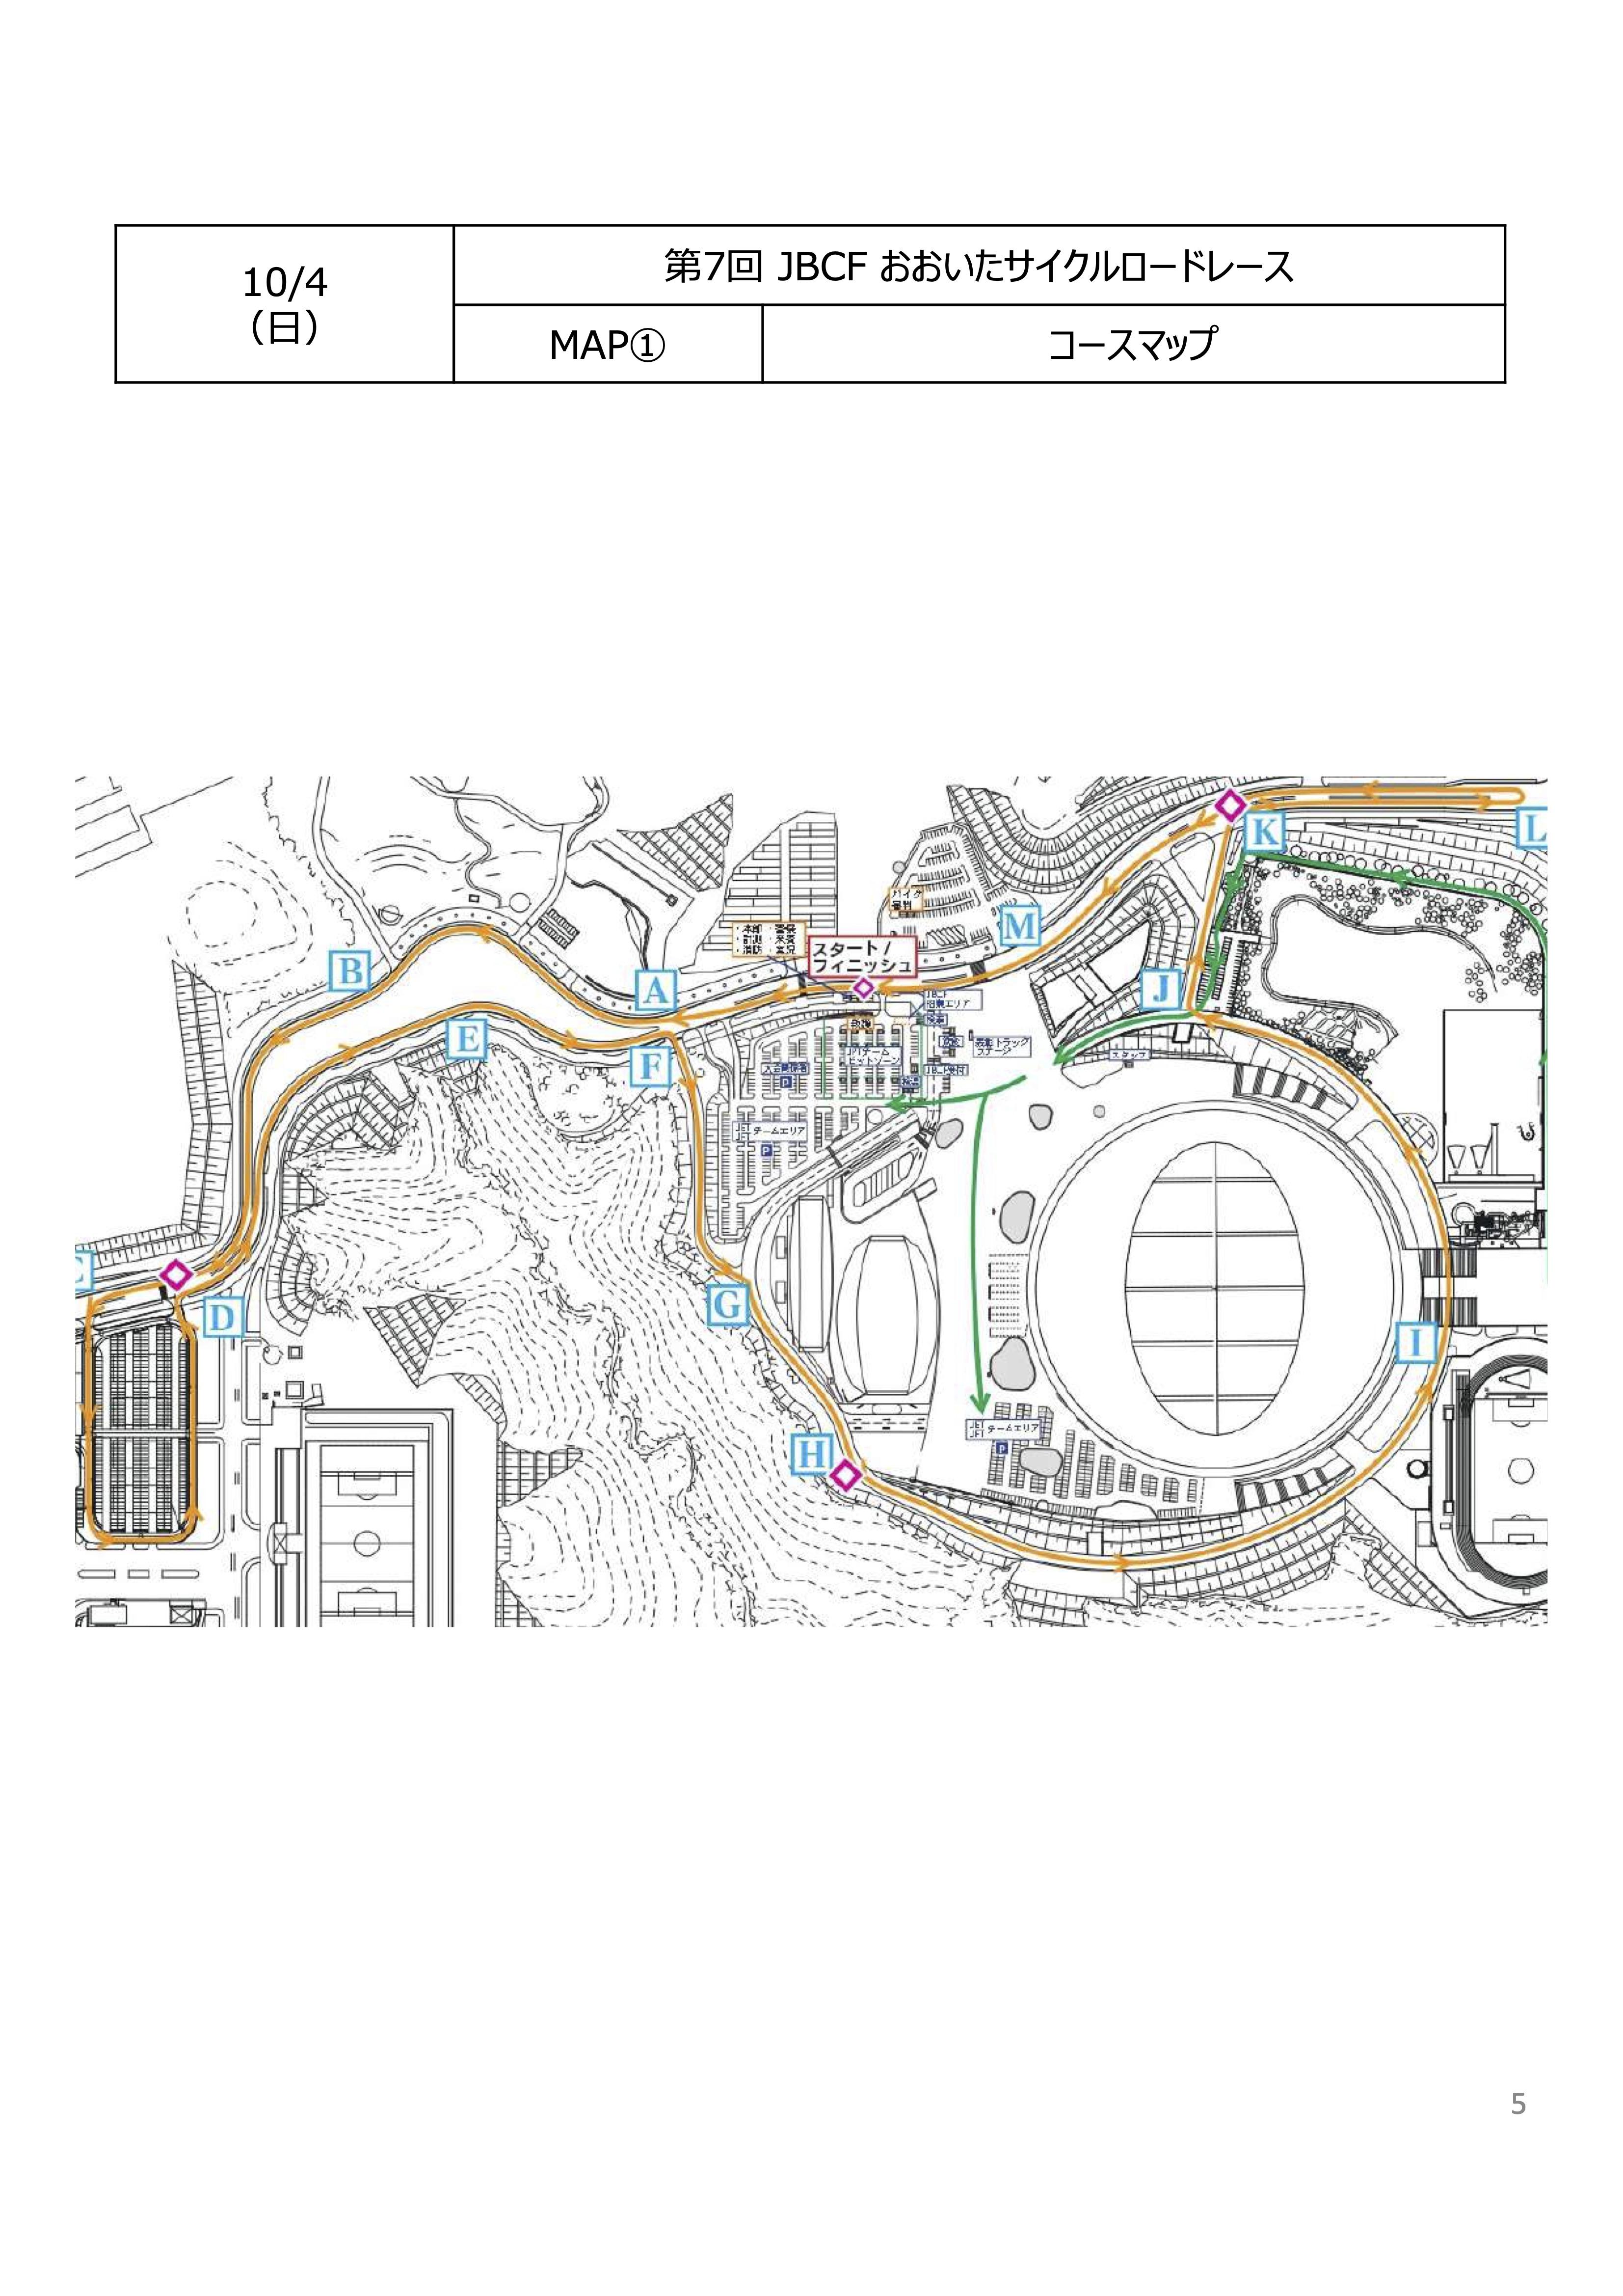 0921 おおいたロードレースコース.jpg